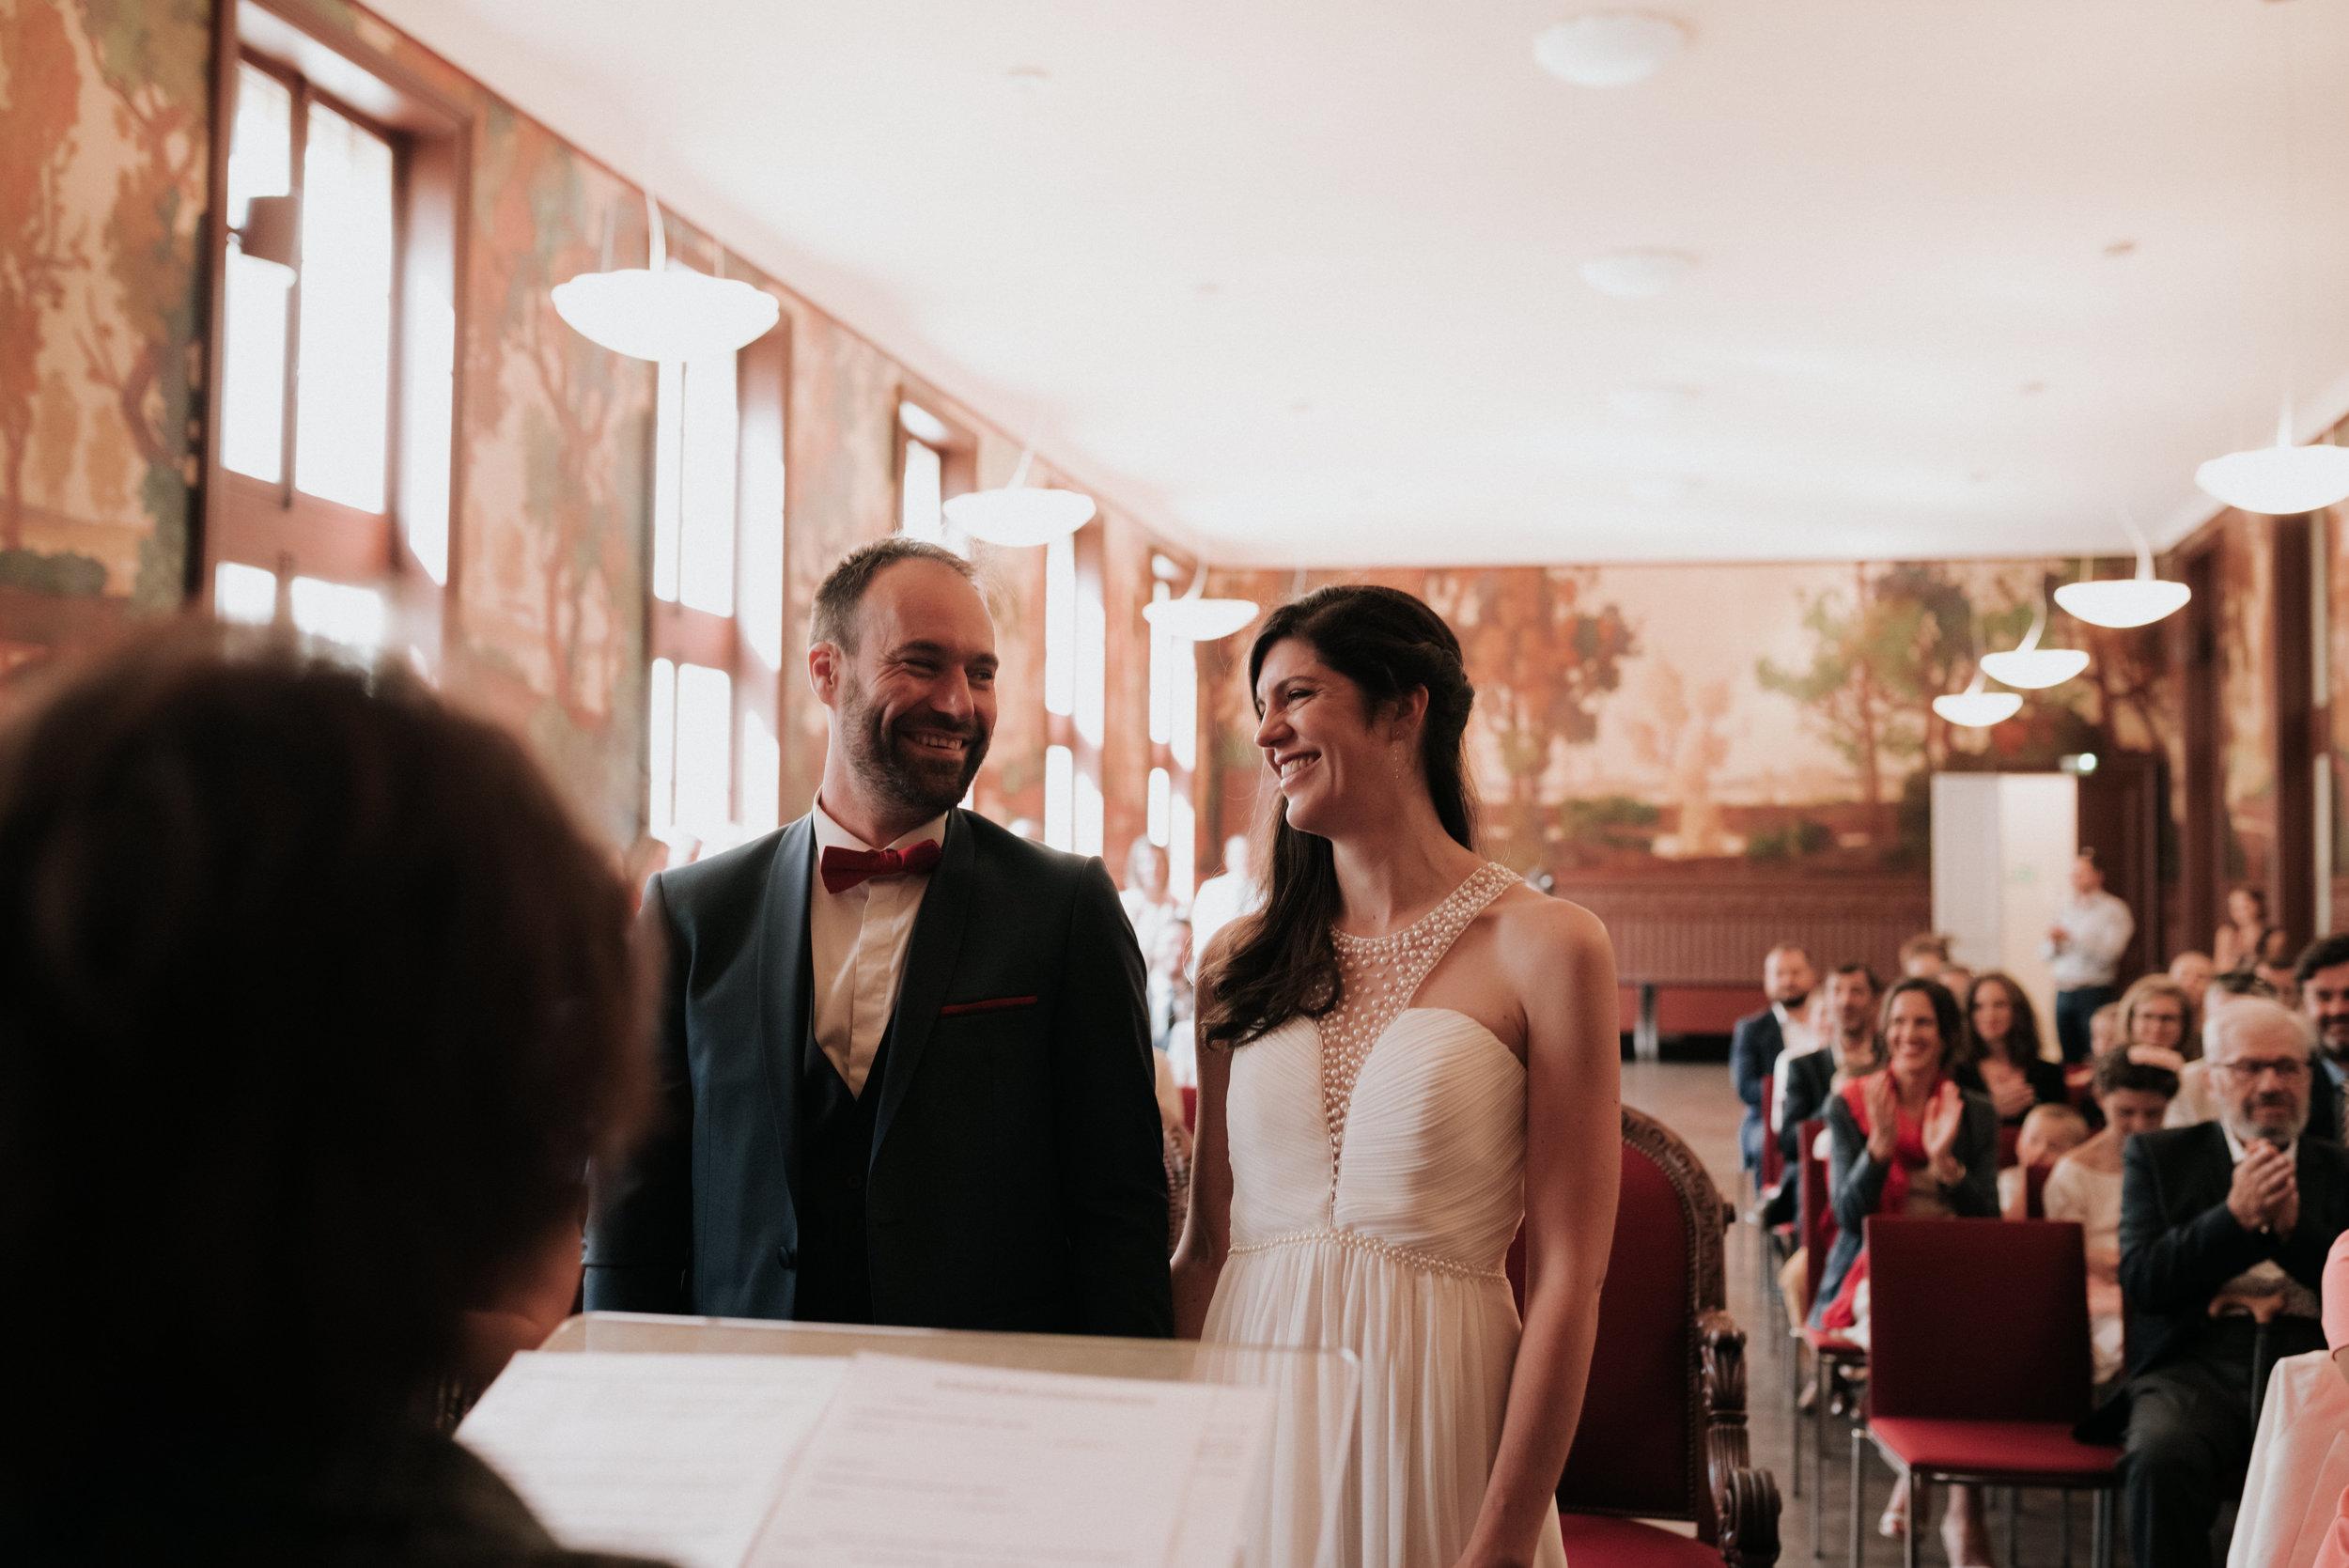 Léa-Fery-photographe-professionnel-lyon-rhone-alpes-portrait-creation-mariage-evenement-evenementiel-famille-7631.jpg